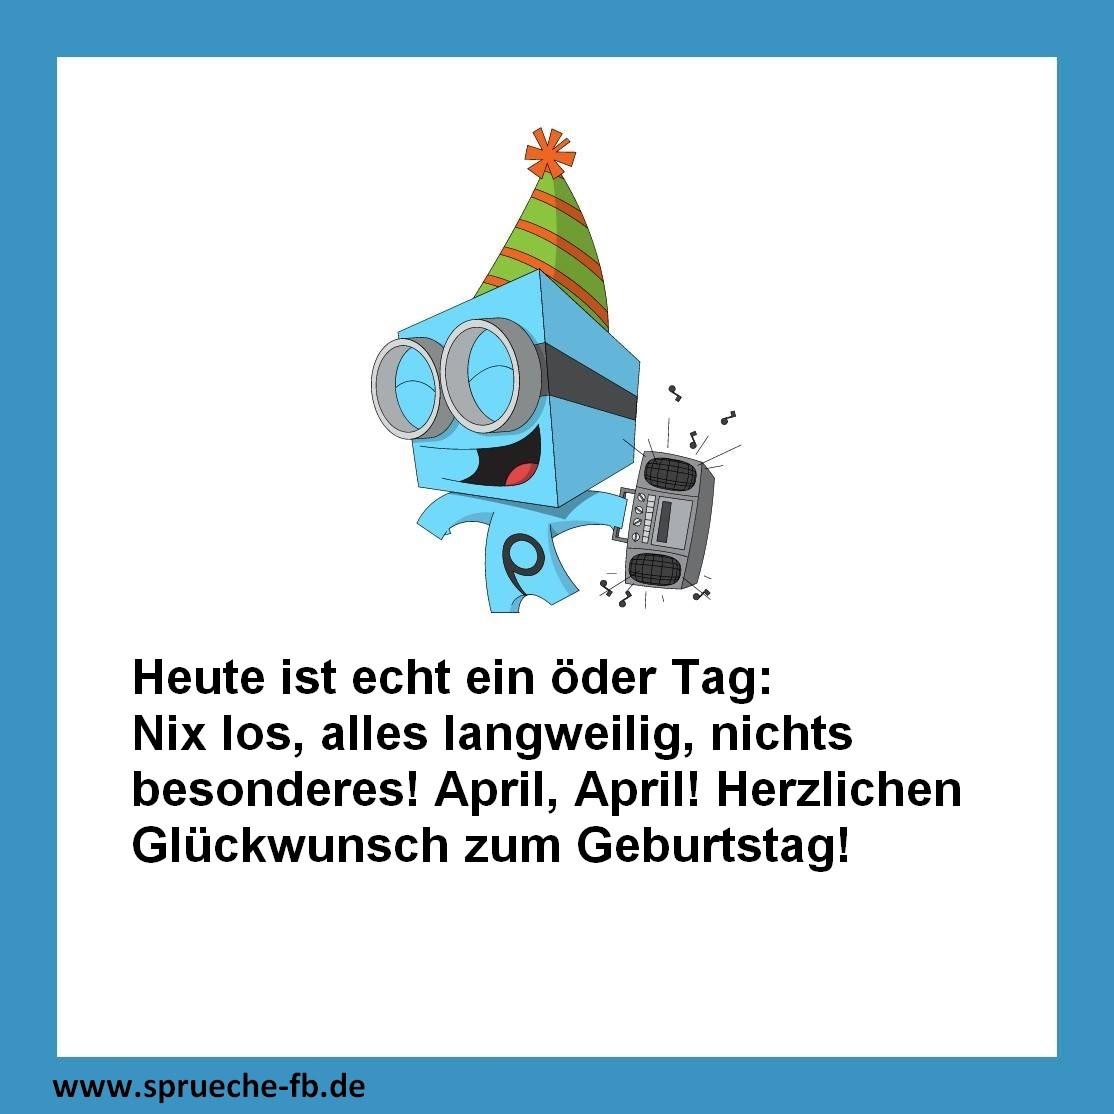 Sms Geburtstagswünsche  geburtstags sms sprüche bilder 2 sms sprüche guten